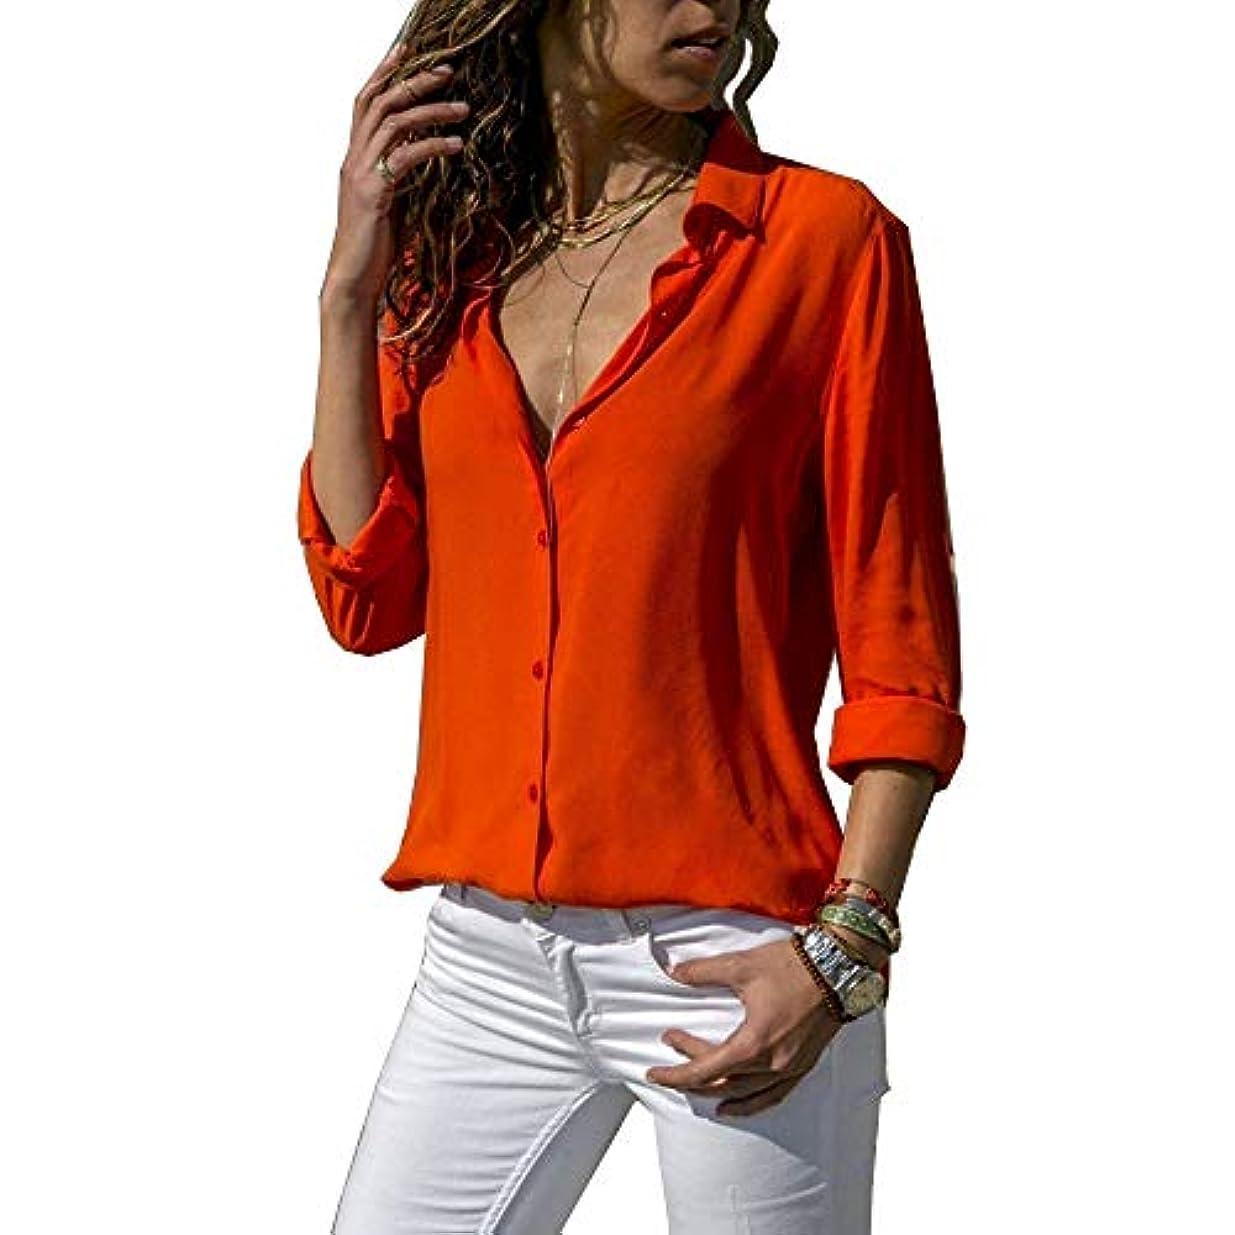 希少性封筒父方のMIFAN ルーズシャツ、トップス&Tシャツ、プラスサイズ、トップス&ブラウス、シフォンブラウス、女性トップス、シフォンシャツ